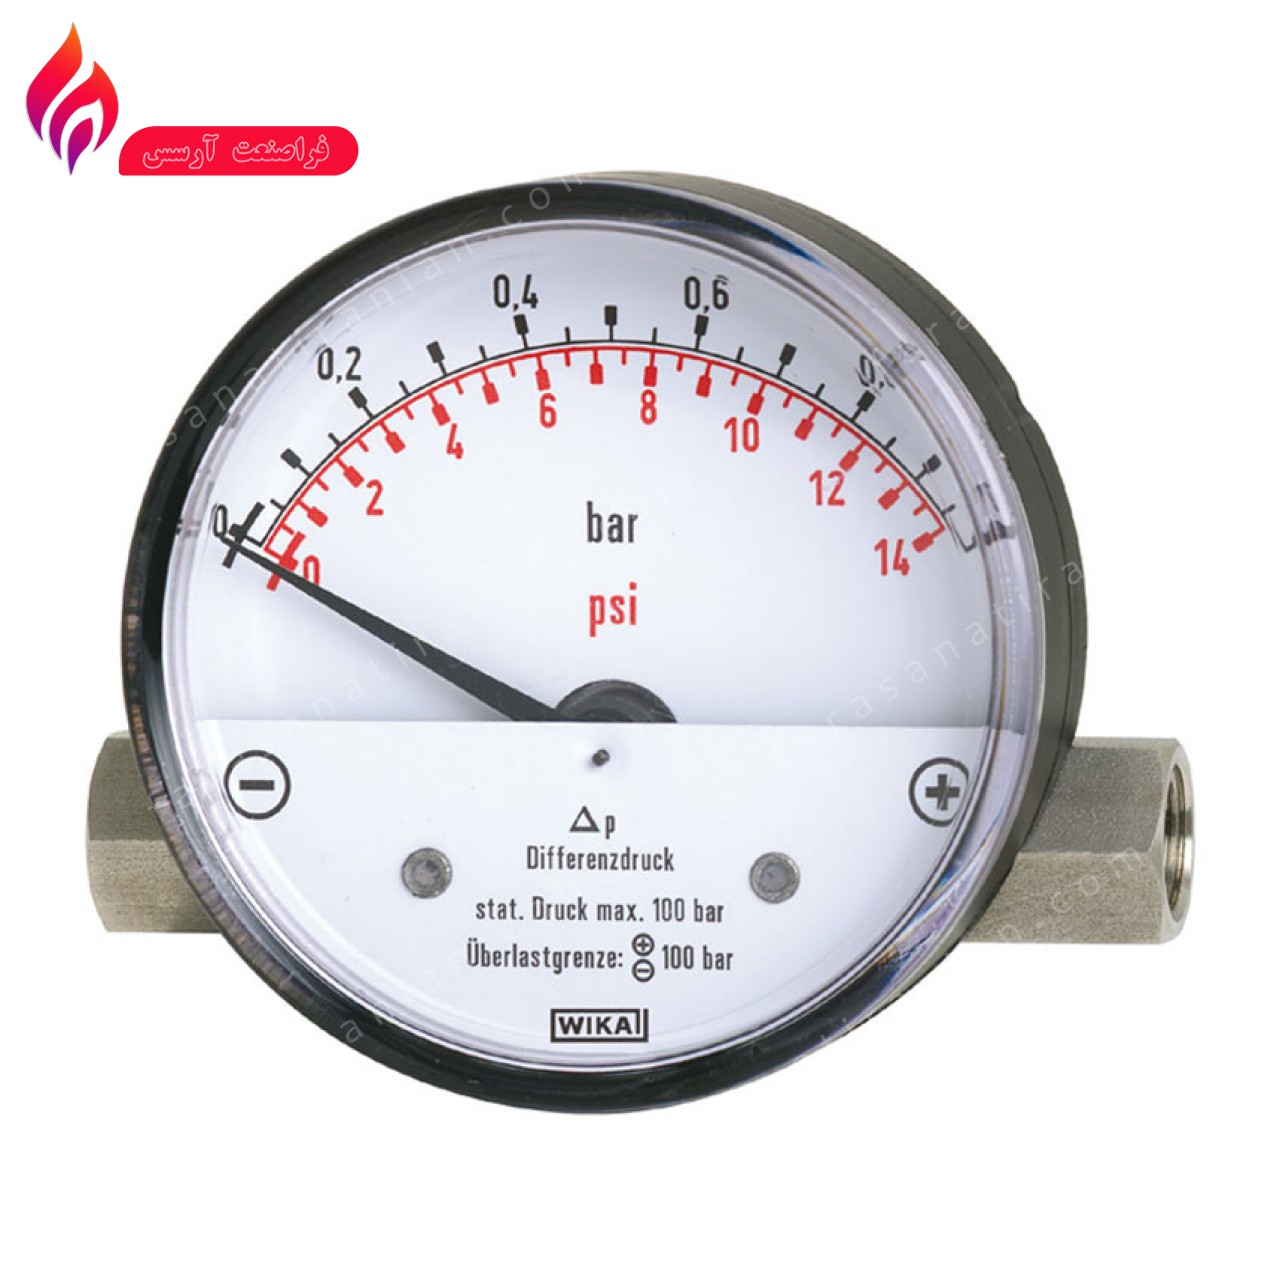 گیج اختلاف فشار ویکا 700.01